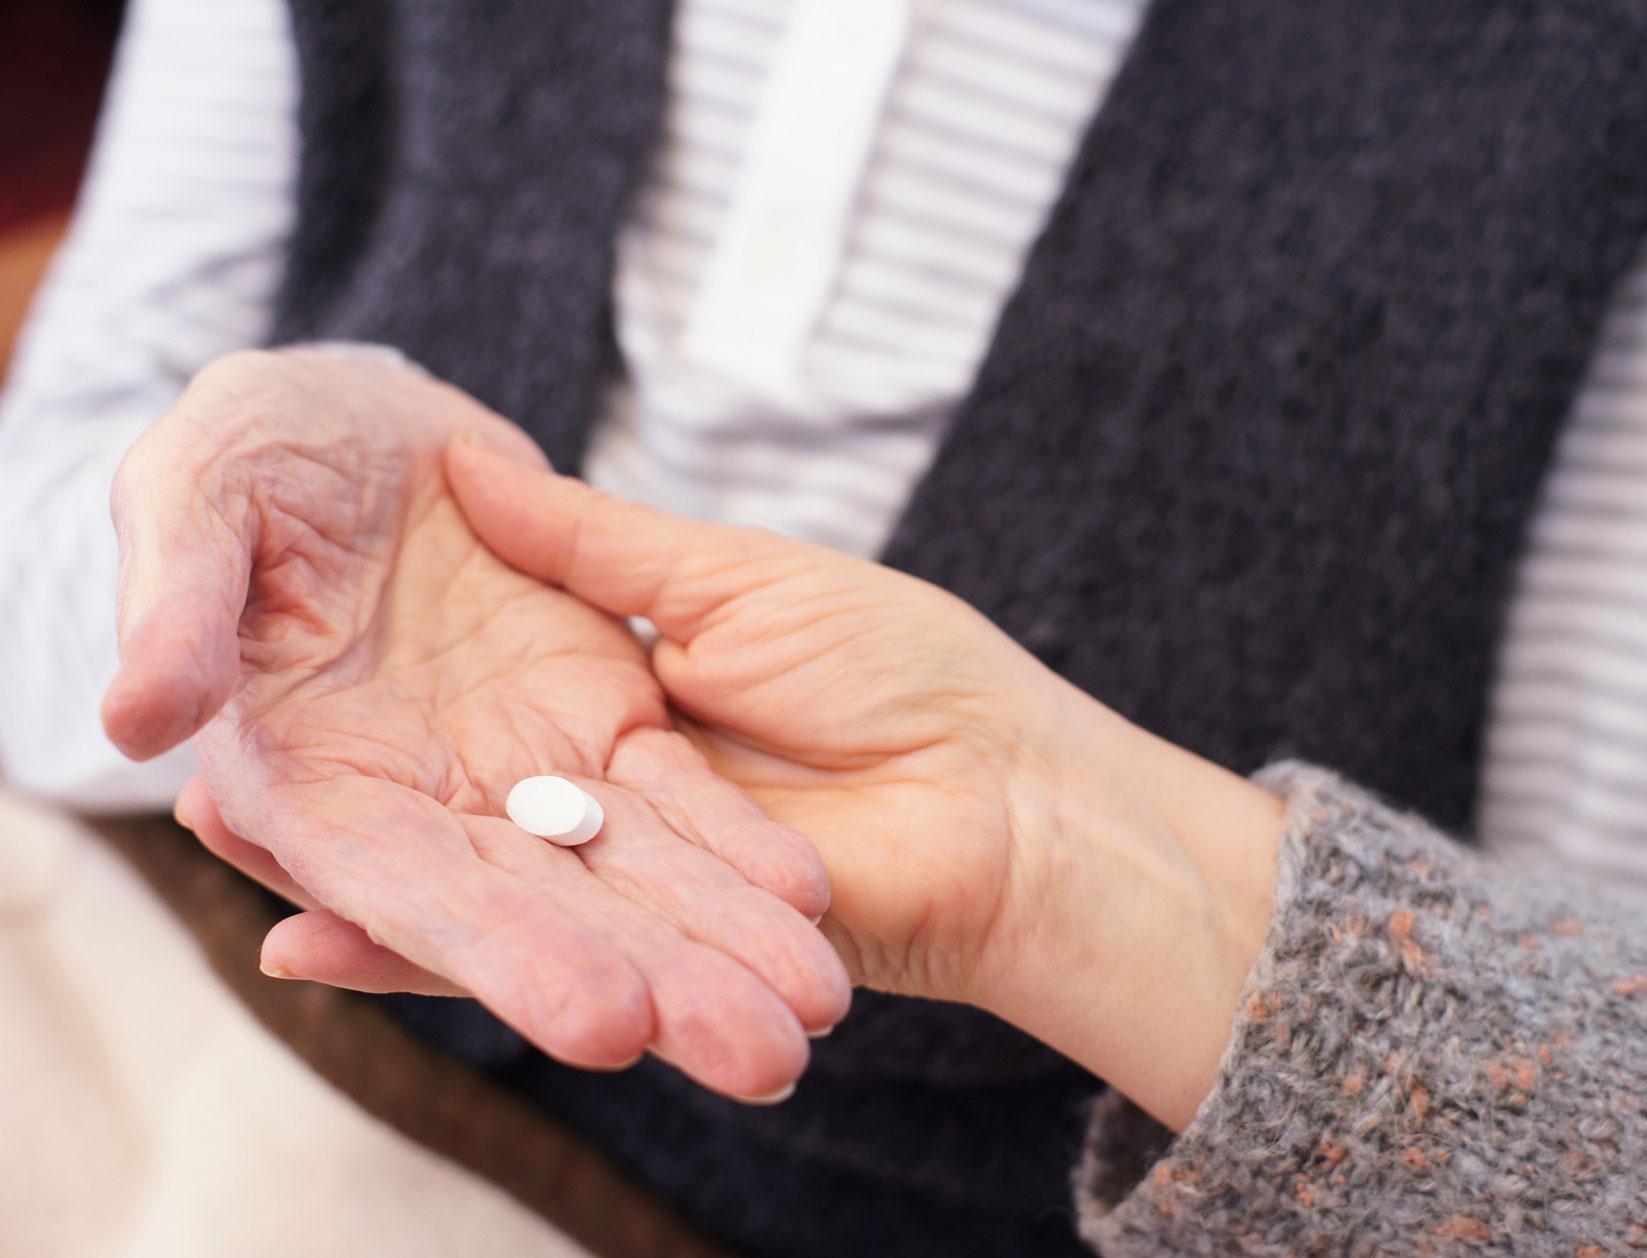 ultra-laboratorios-medicamento-generico